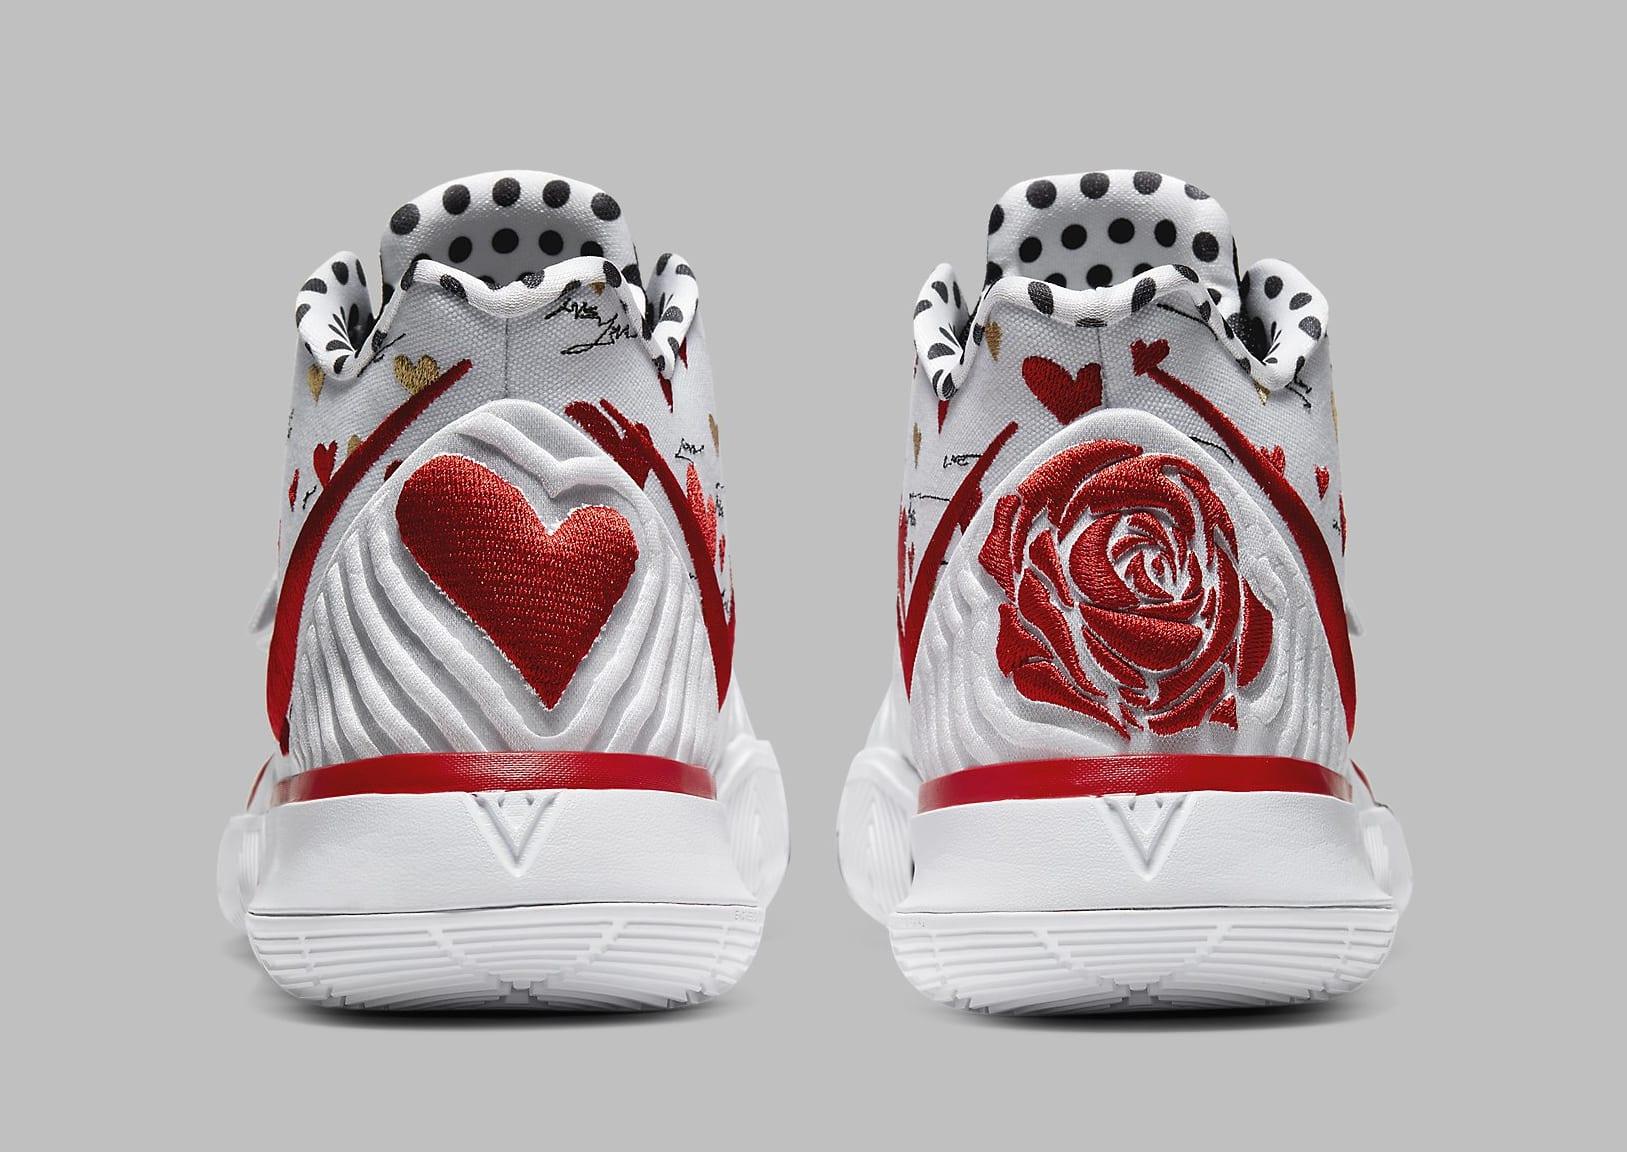 sneaker-room-nike-kyrie-5-mom-cu0677-100-heel